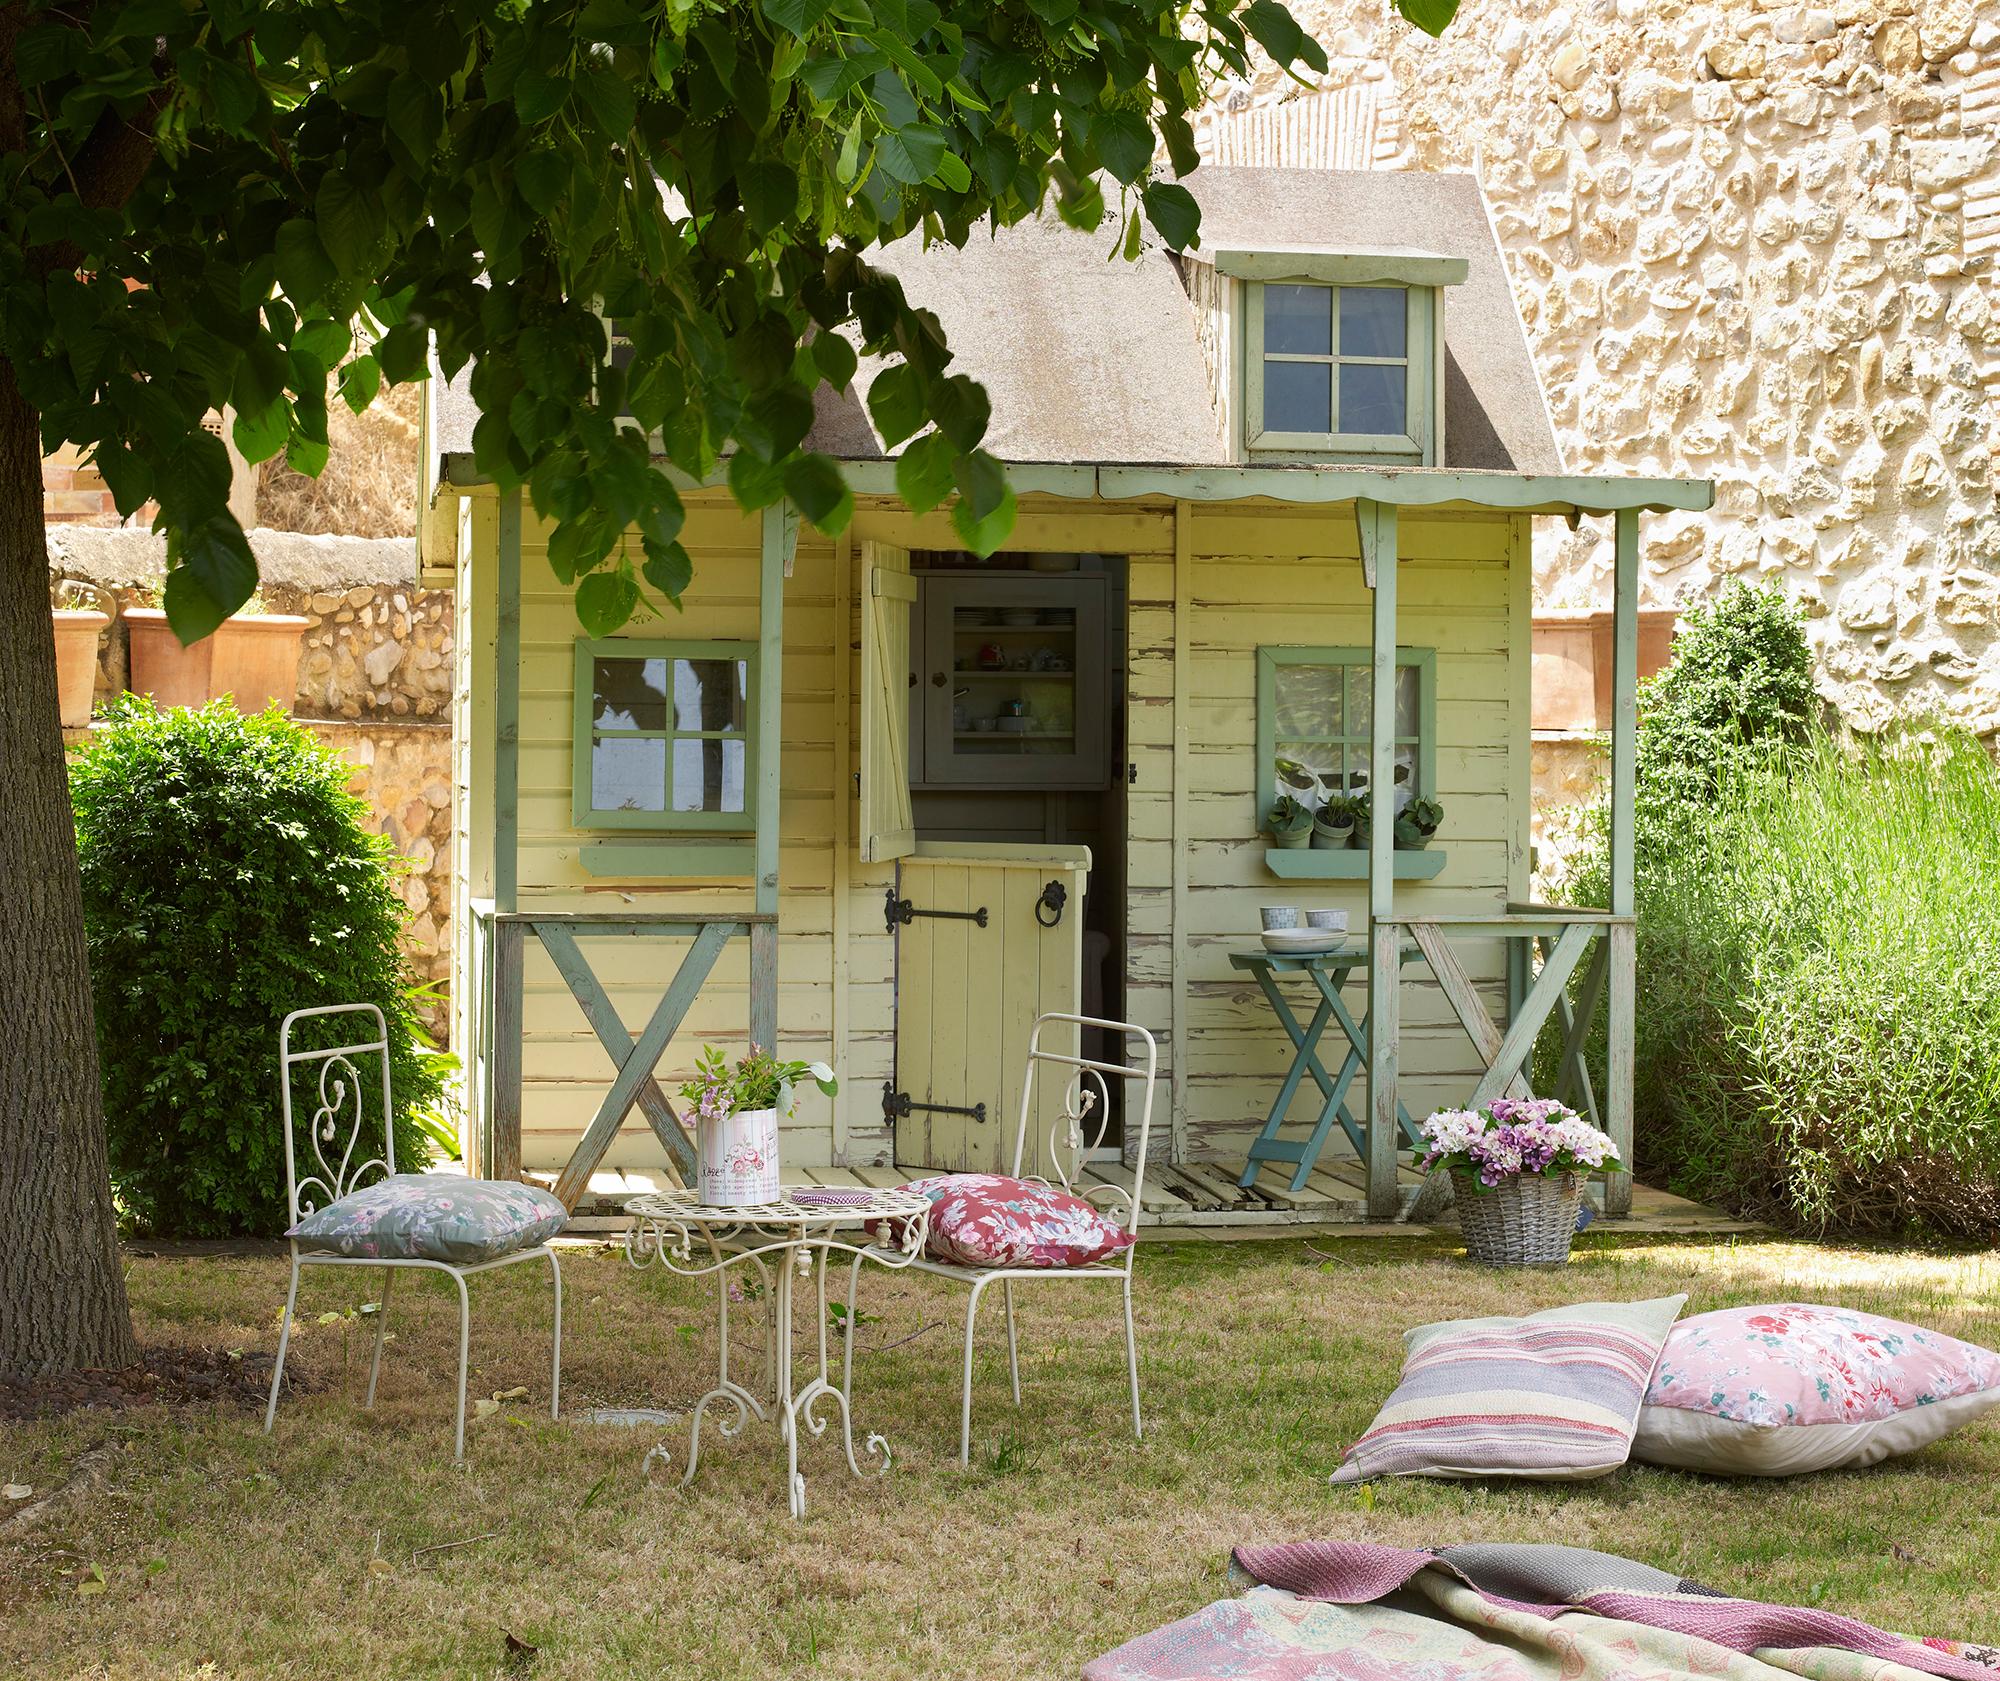 Cierres de madera para jardin elegant sombrilla brezo con for Casita plastico jardin